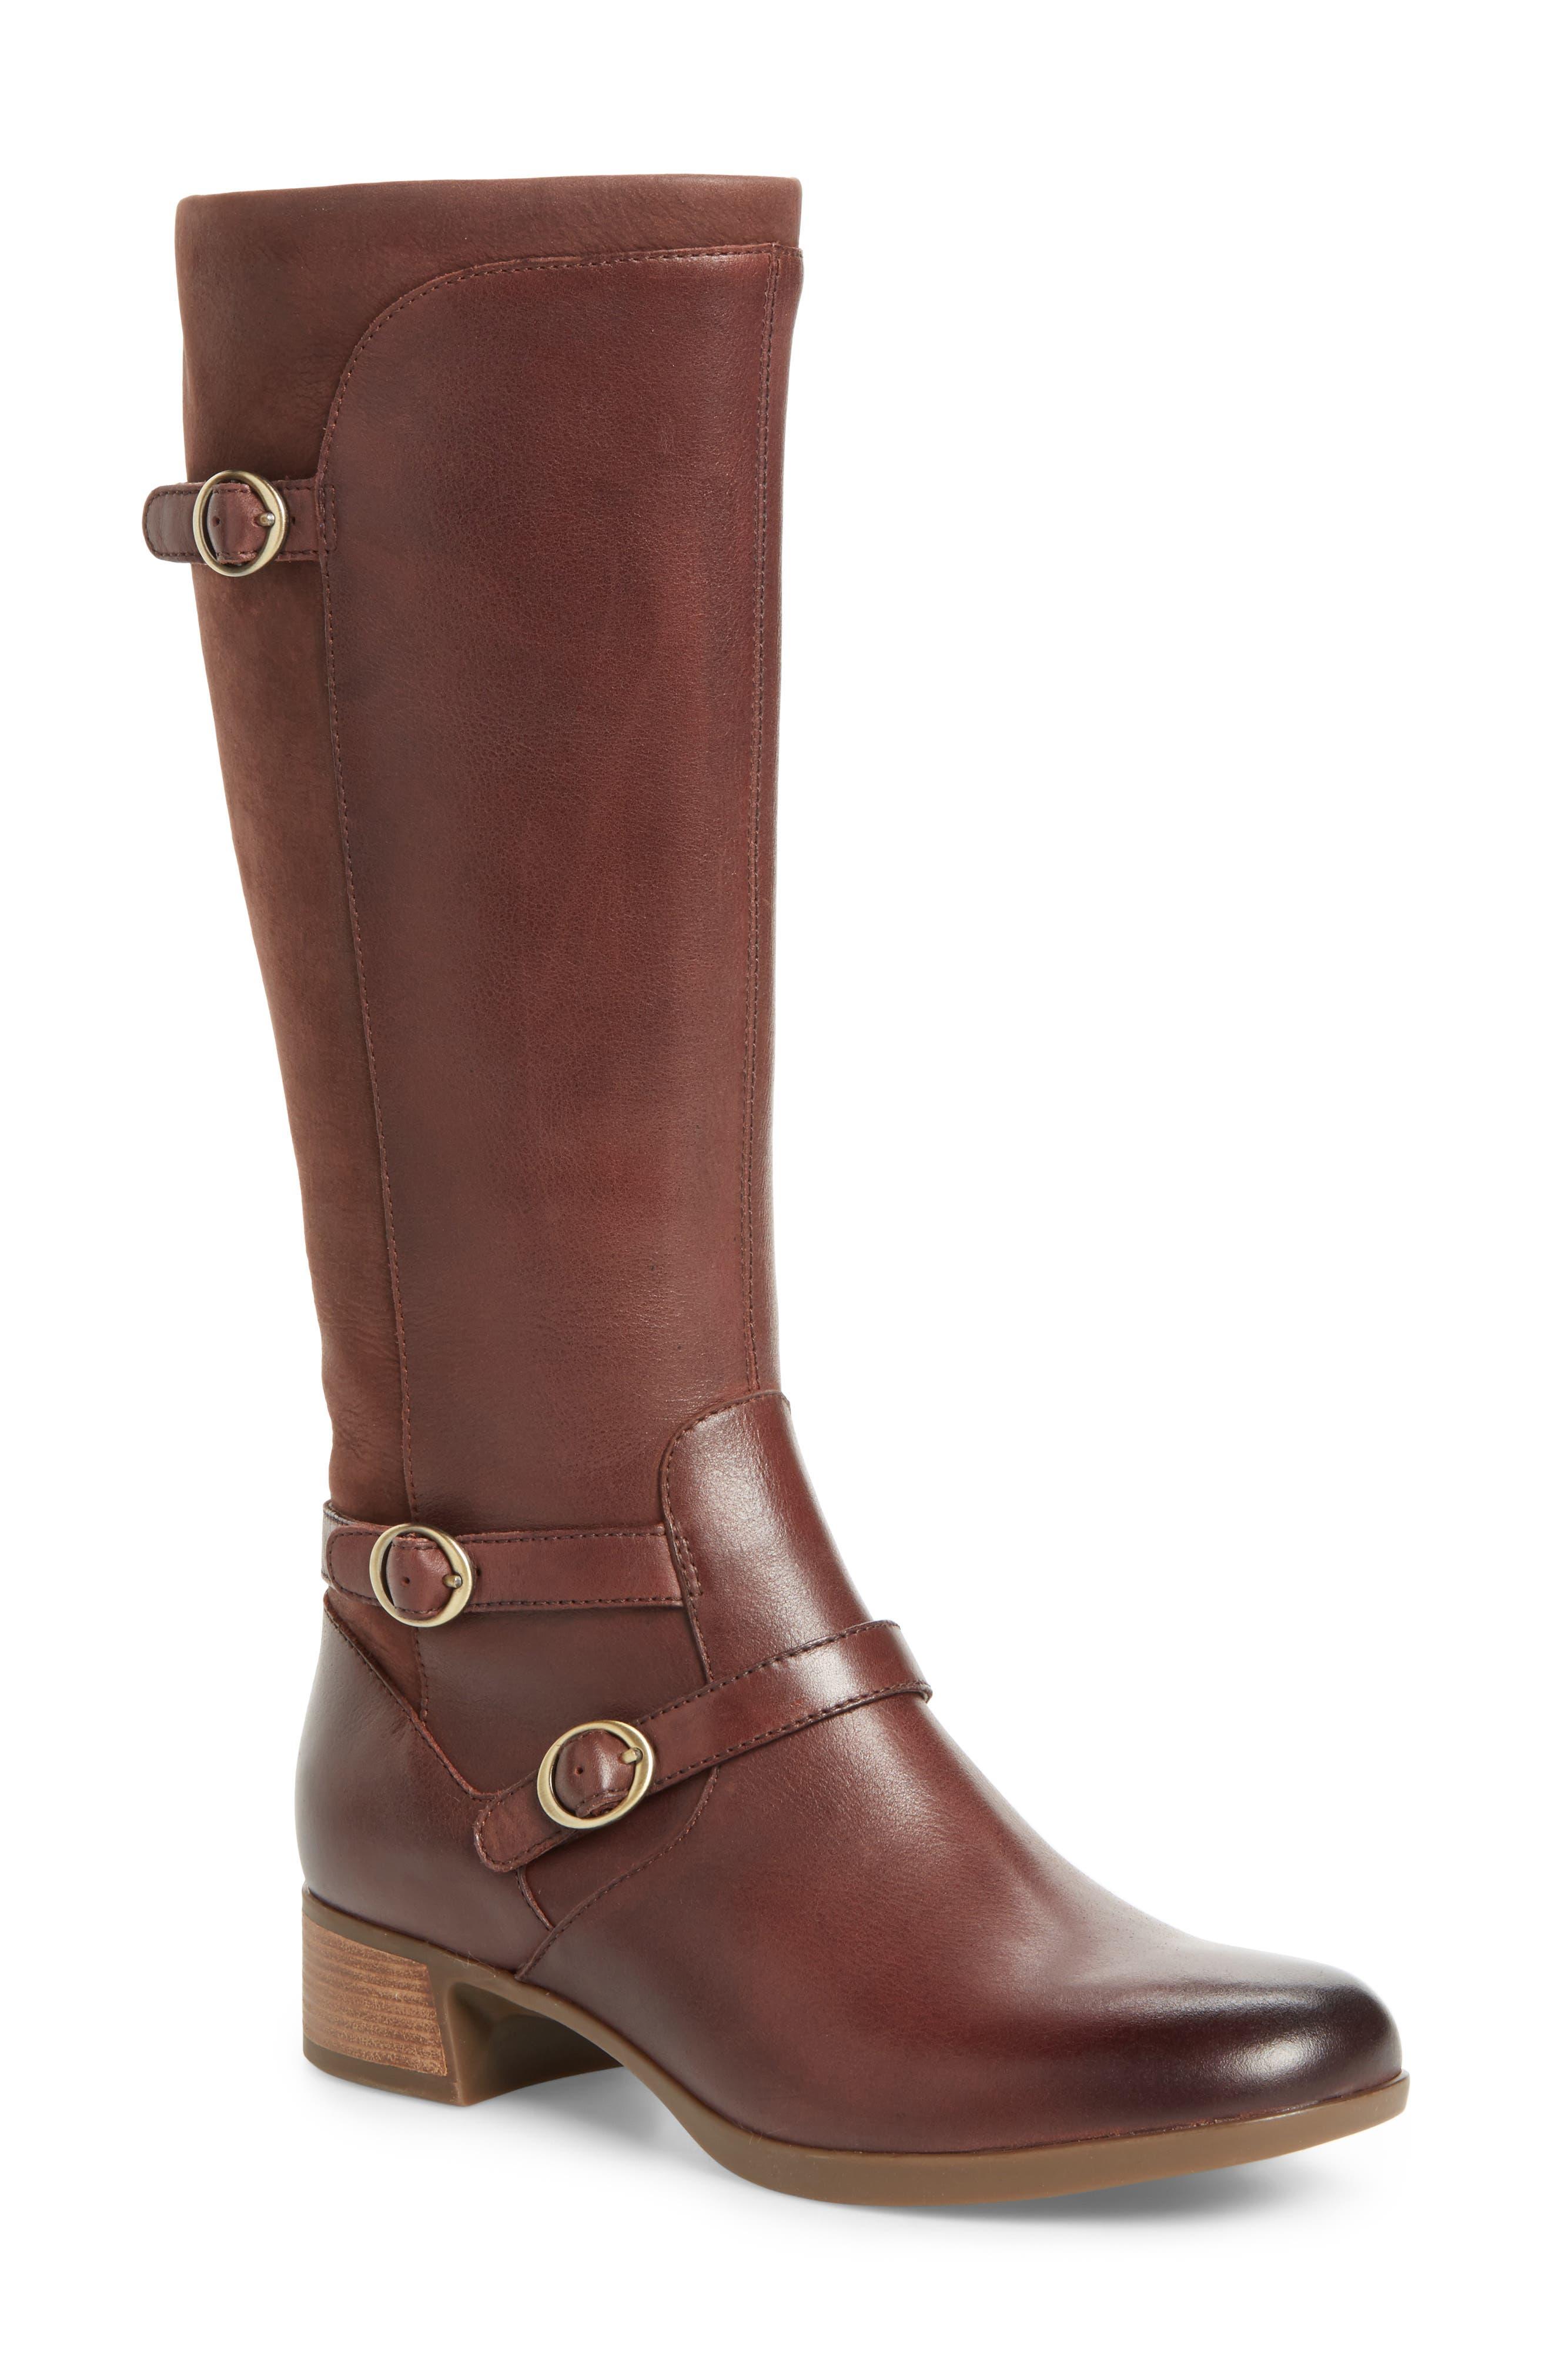 Alternate Image 1 Selected - Dansko Lorna Tall Boot (Women)